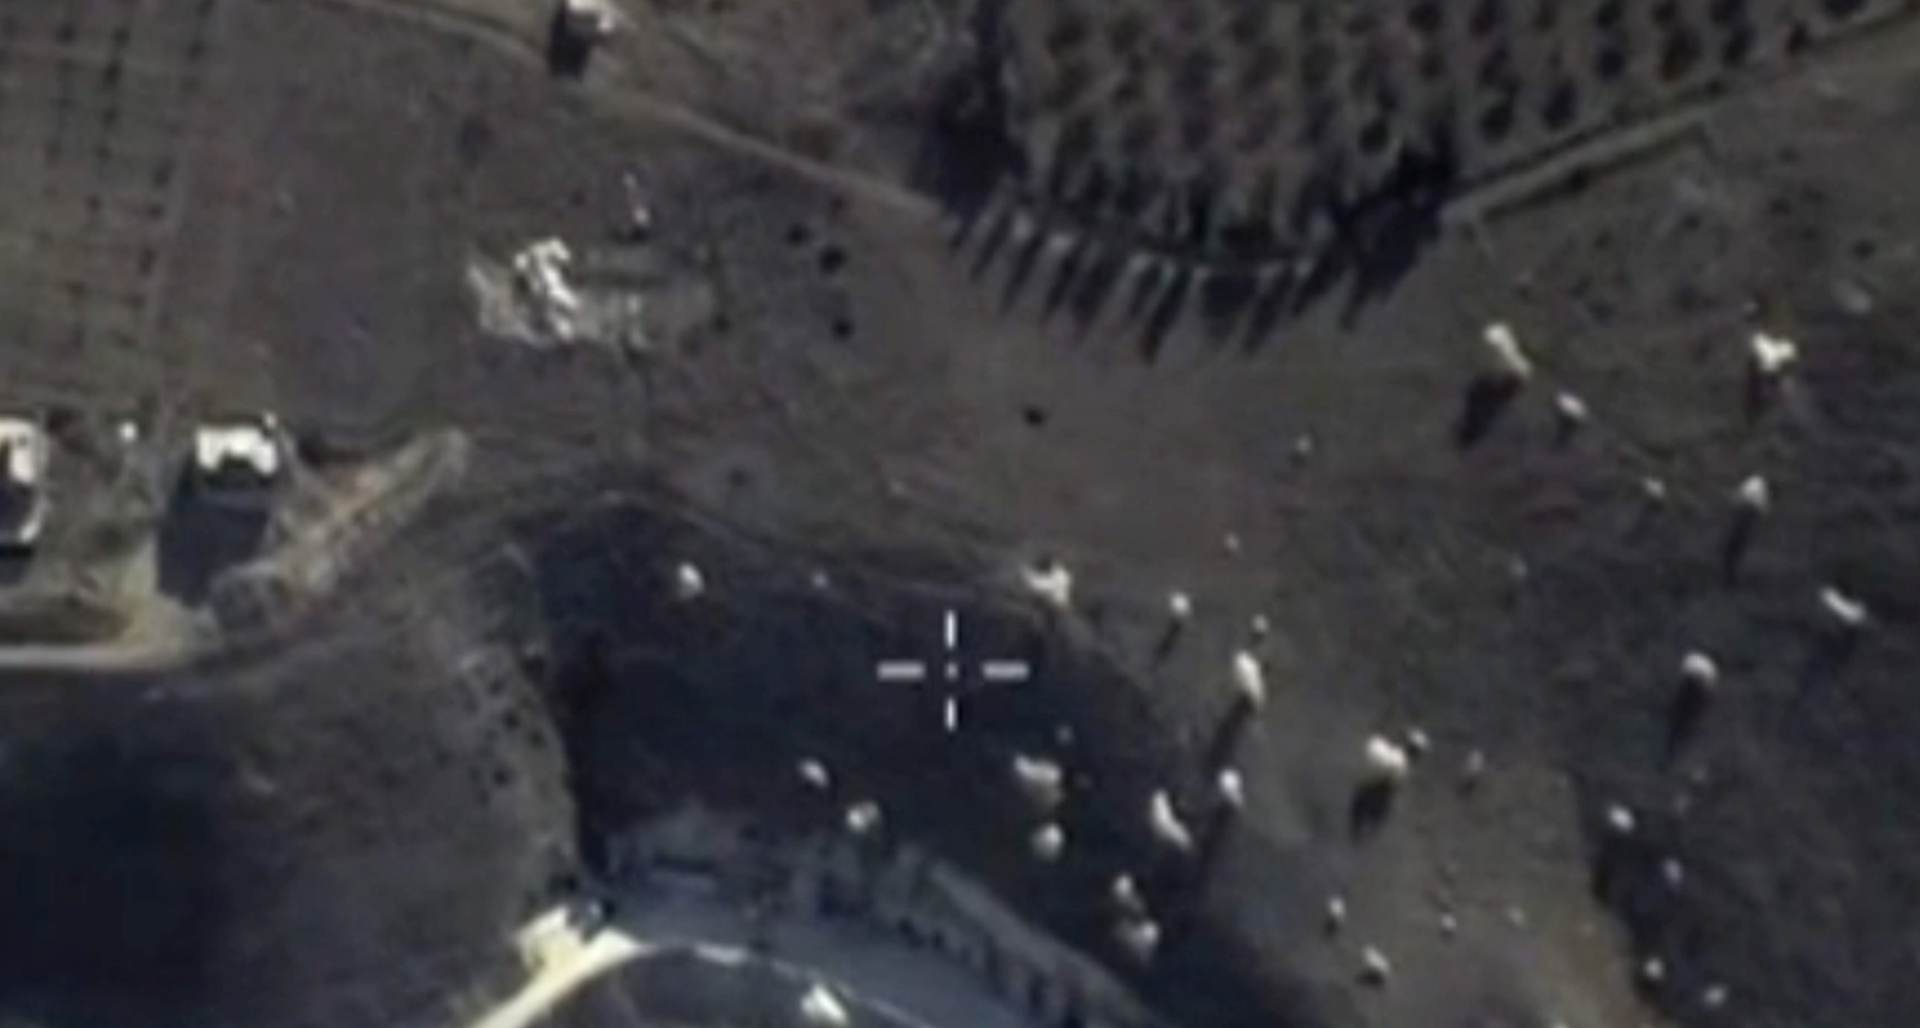 UZ PODRŠKU RUSKIH AVIONA: Asadova vojska krenula u veliku ofenzivu